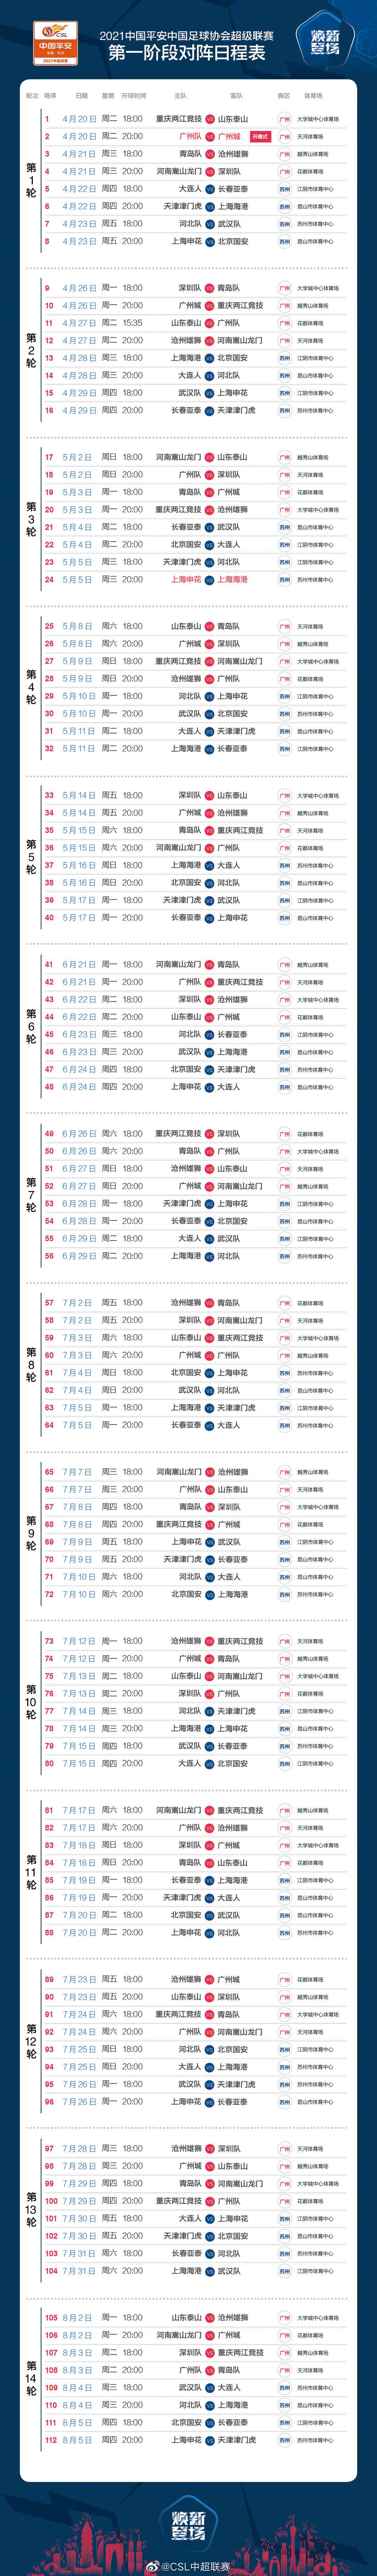 中超4月20日开幕:揭幕战广州德比 首轮泰山对阵重庆